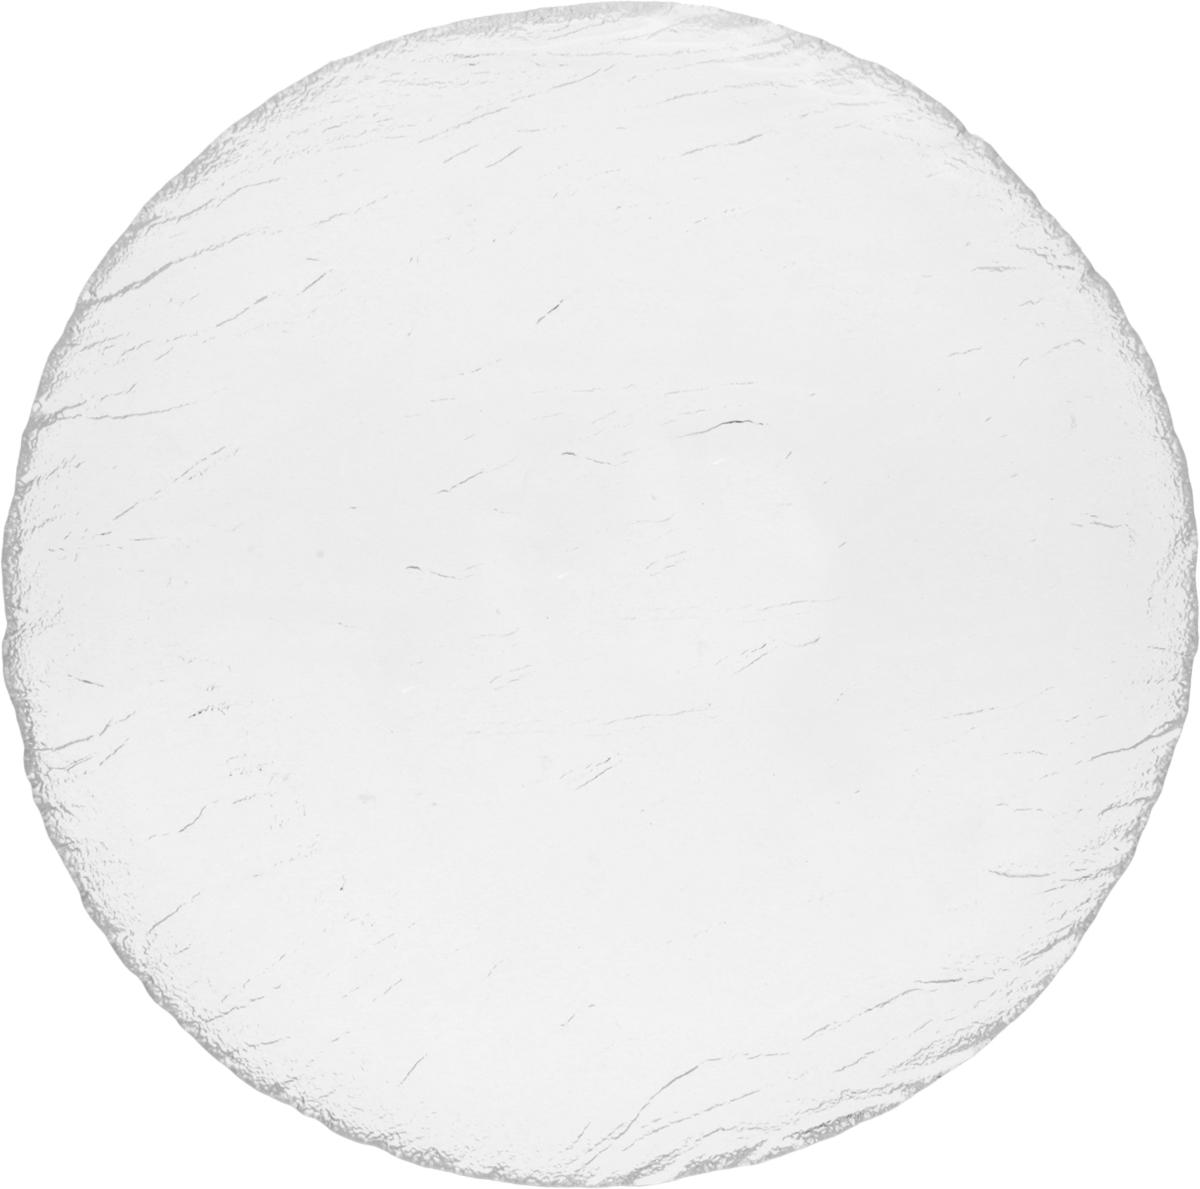 Тарелка десертная OSZ Вулкан, цвет: прозрачный, диаметр 19 см54 009312Тарелка OSZ Вулкан выполнена из высококачественного стекла и имеет рельефную поверхность. Она прекрасно впишется в интерьер вашей кухни и станет достойным дополнением к кухонному инвентарю. Тарелка OSZ Вулкан подчеркнет прекрасный вкус хозяйки и станет отличным подарком.Диаметр тарелки: 19 см.Высота: 1,5 см.